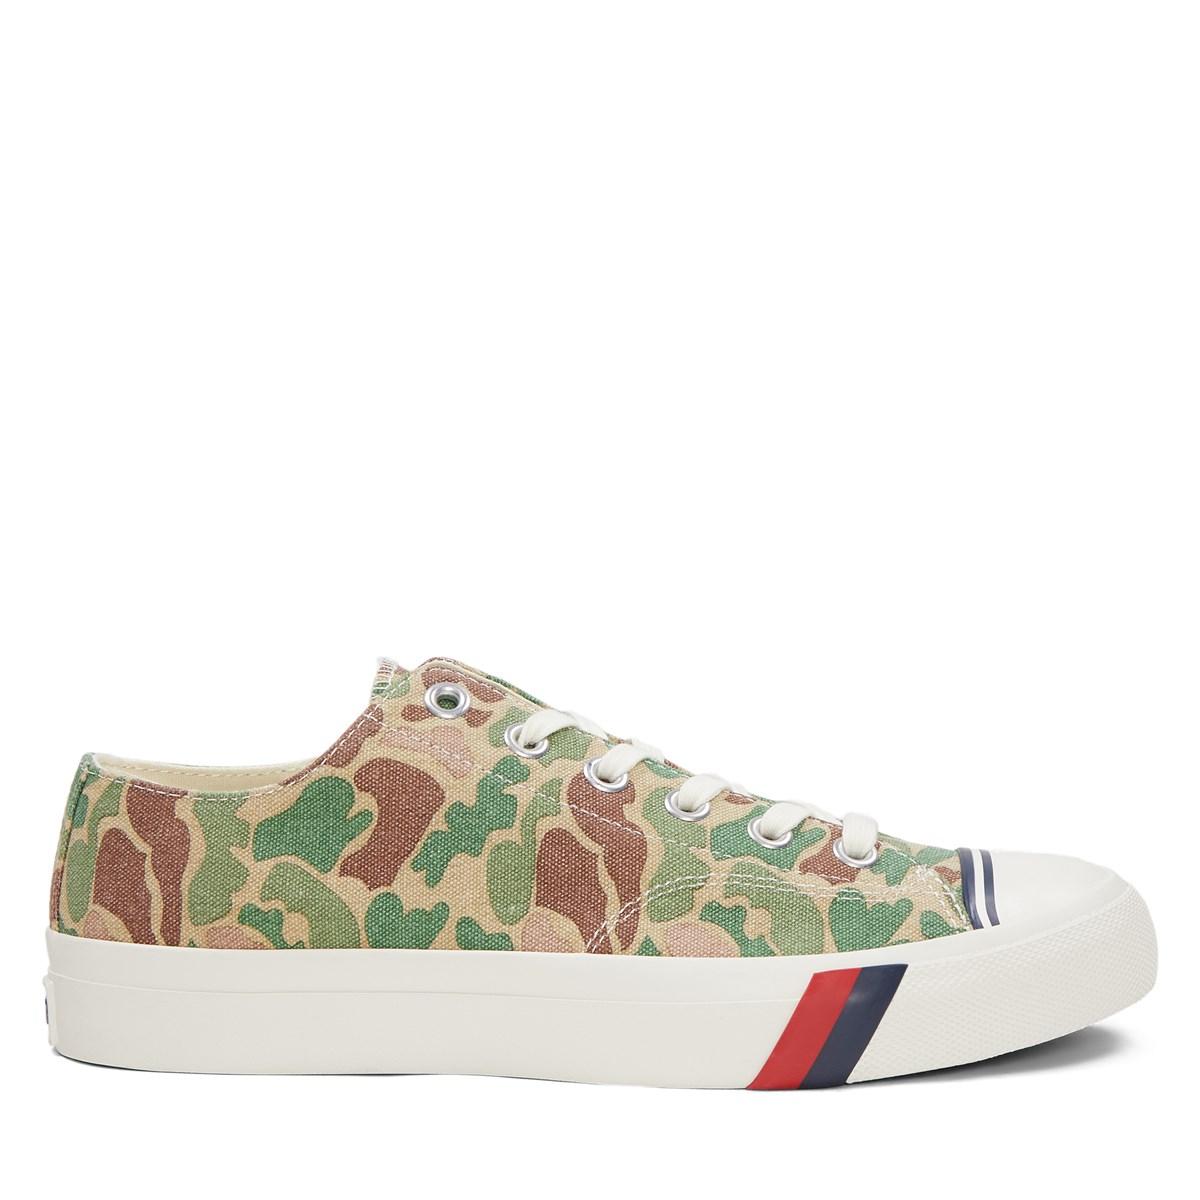 Men's Camo Royal Low Sneakers in Green